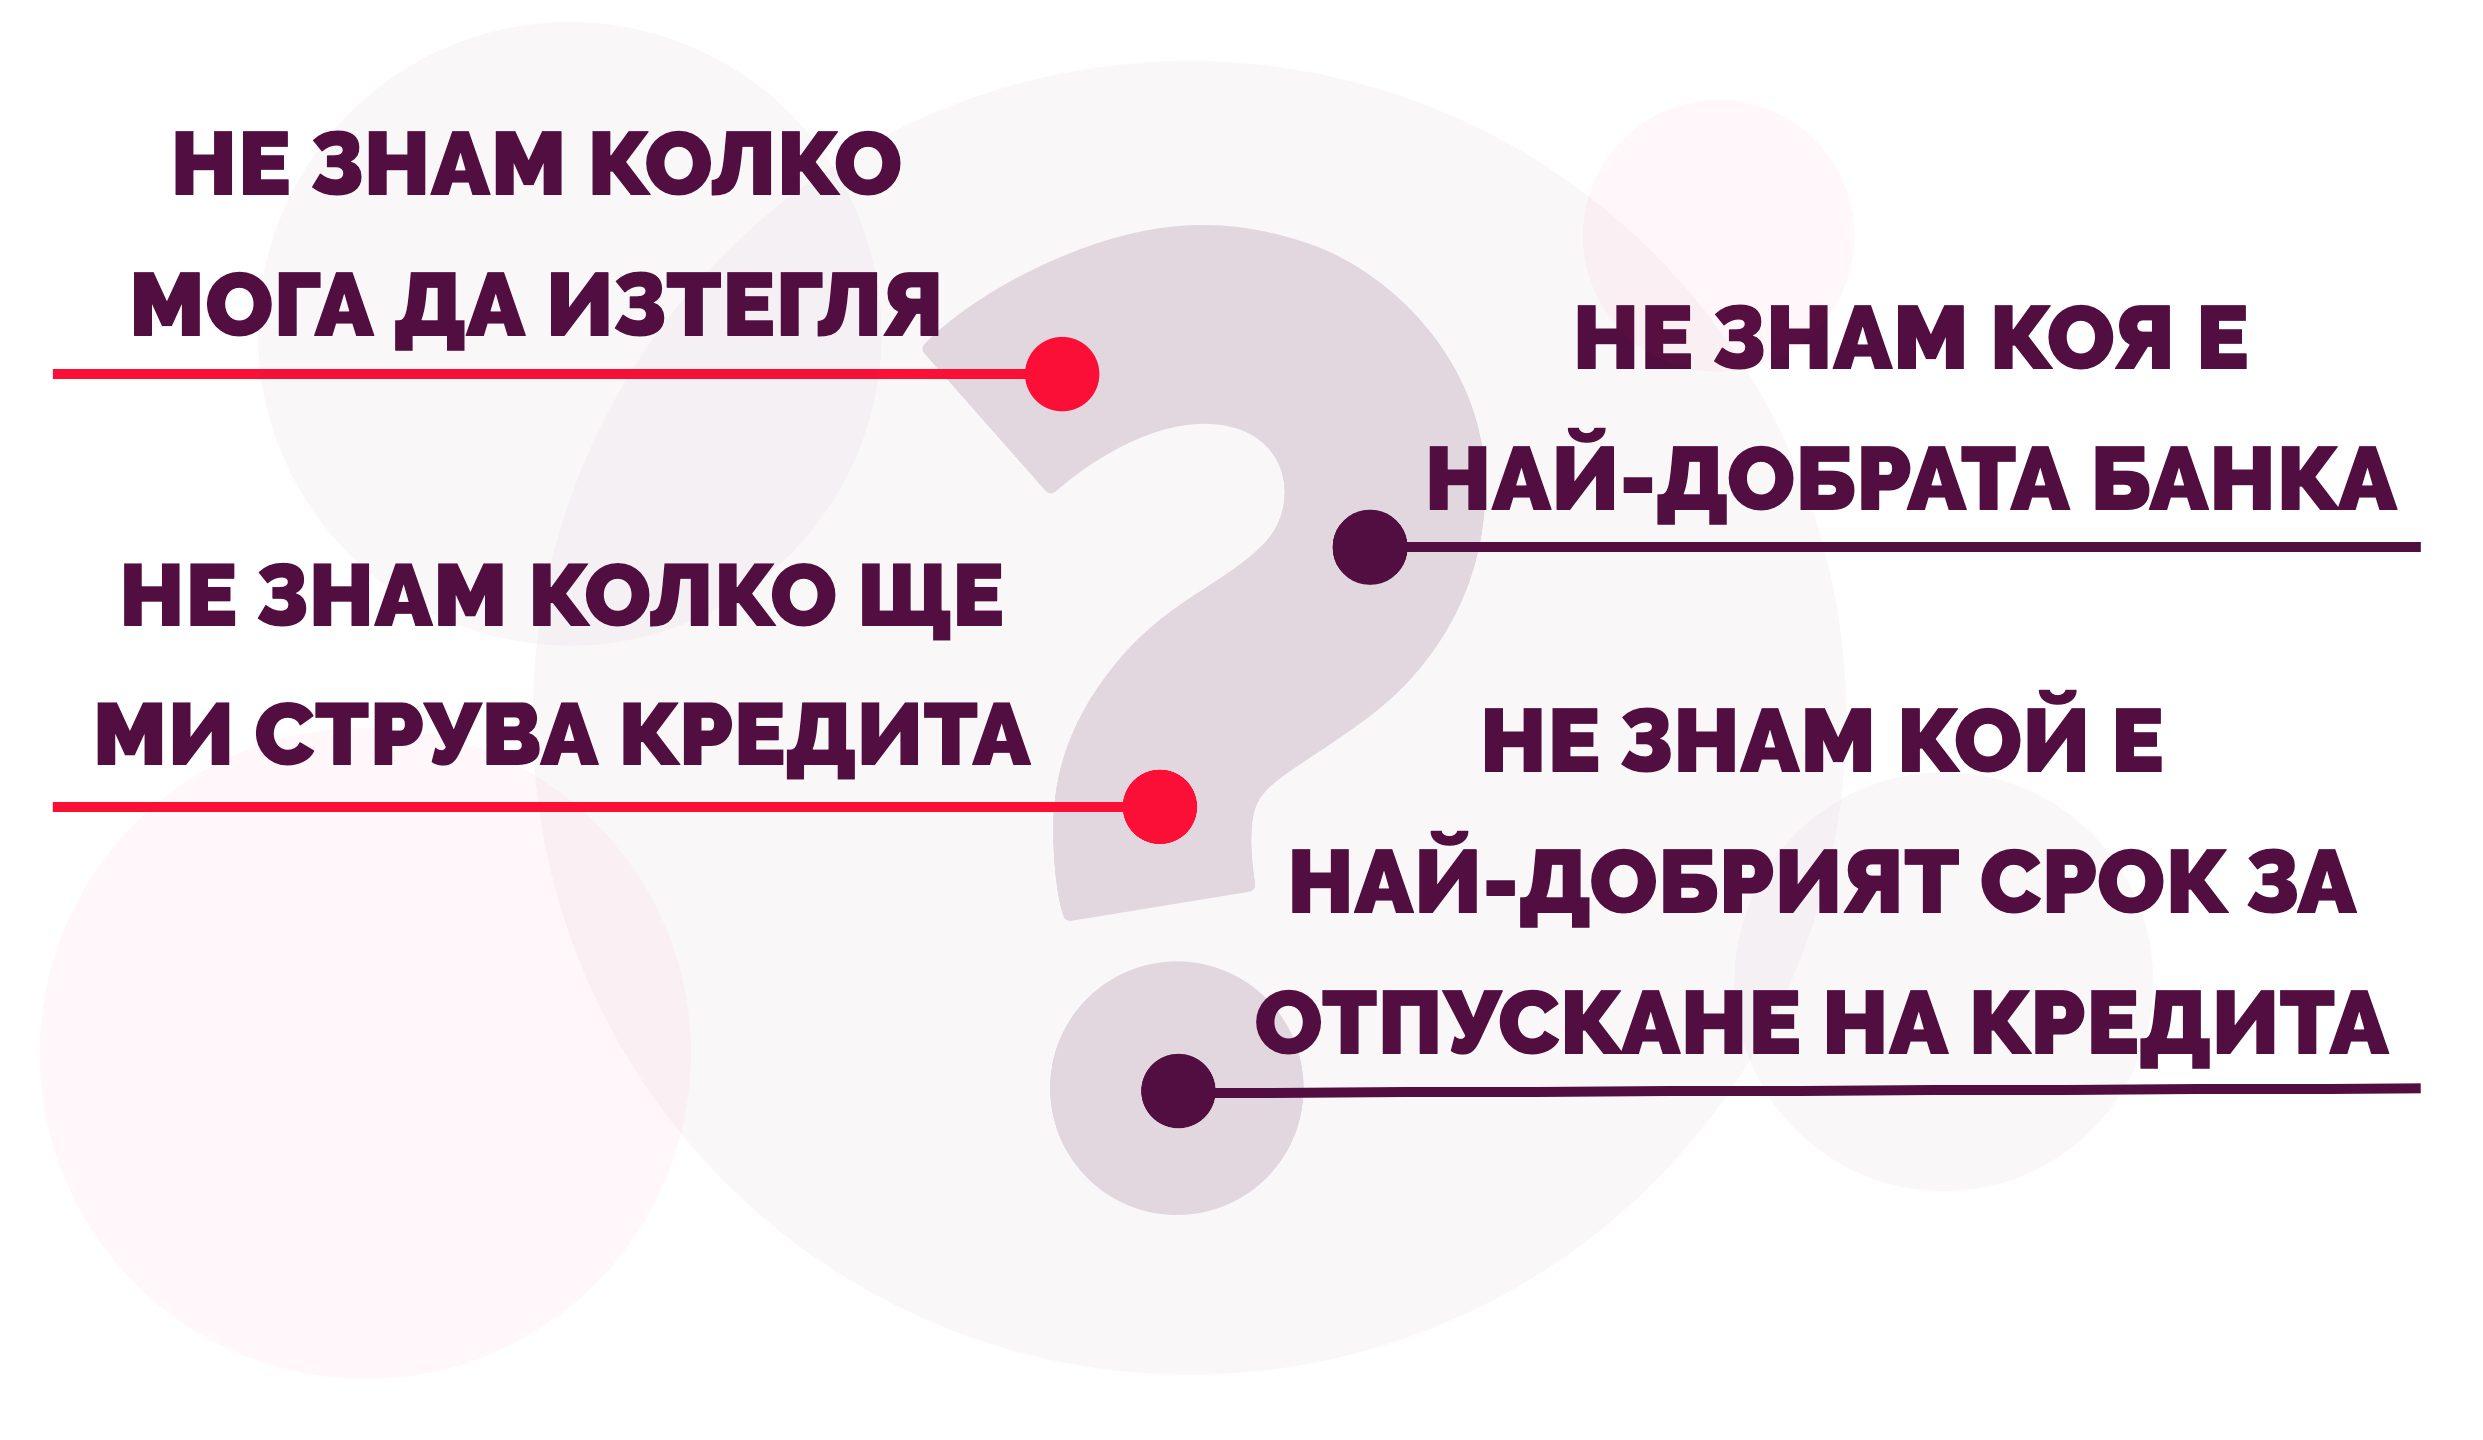 https://homdy.bg/